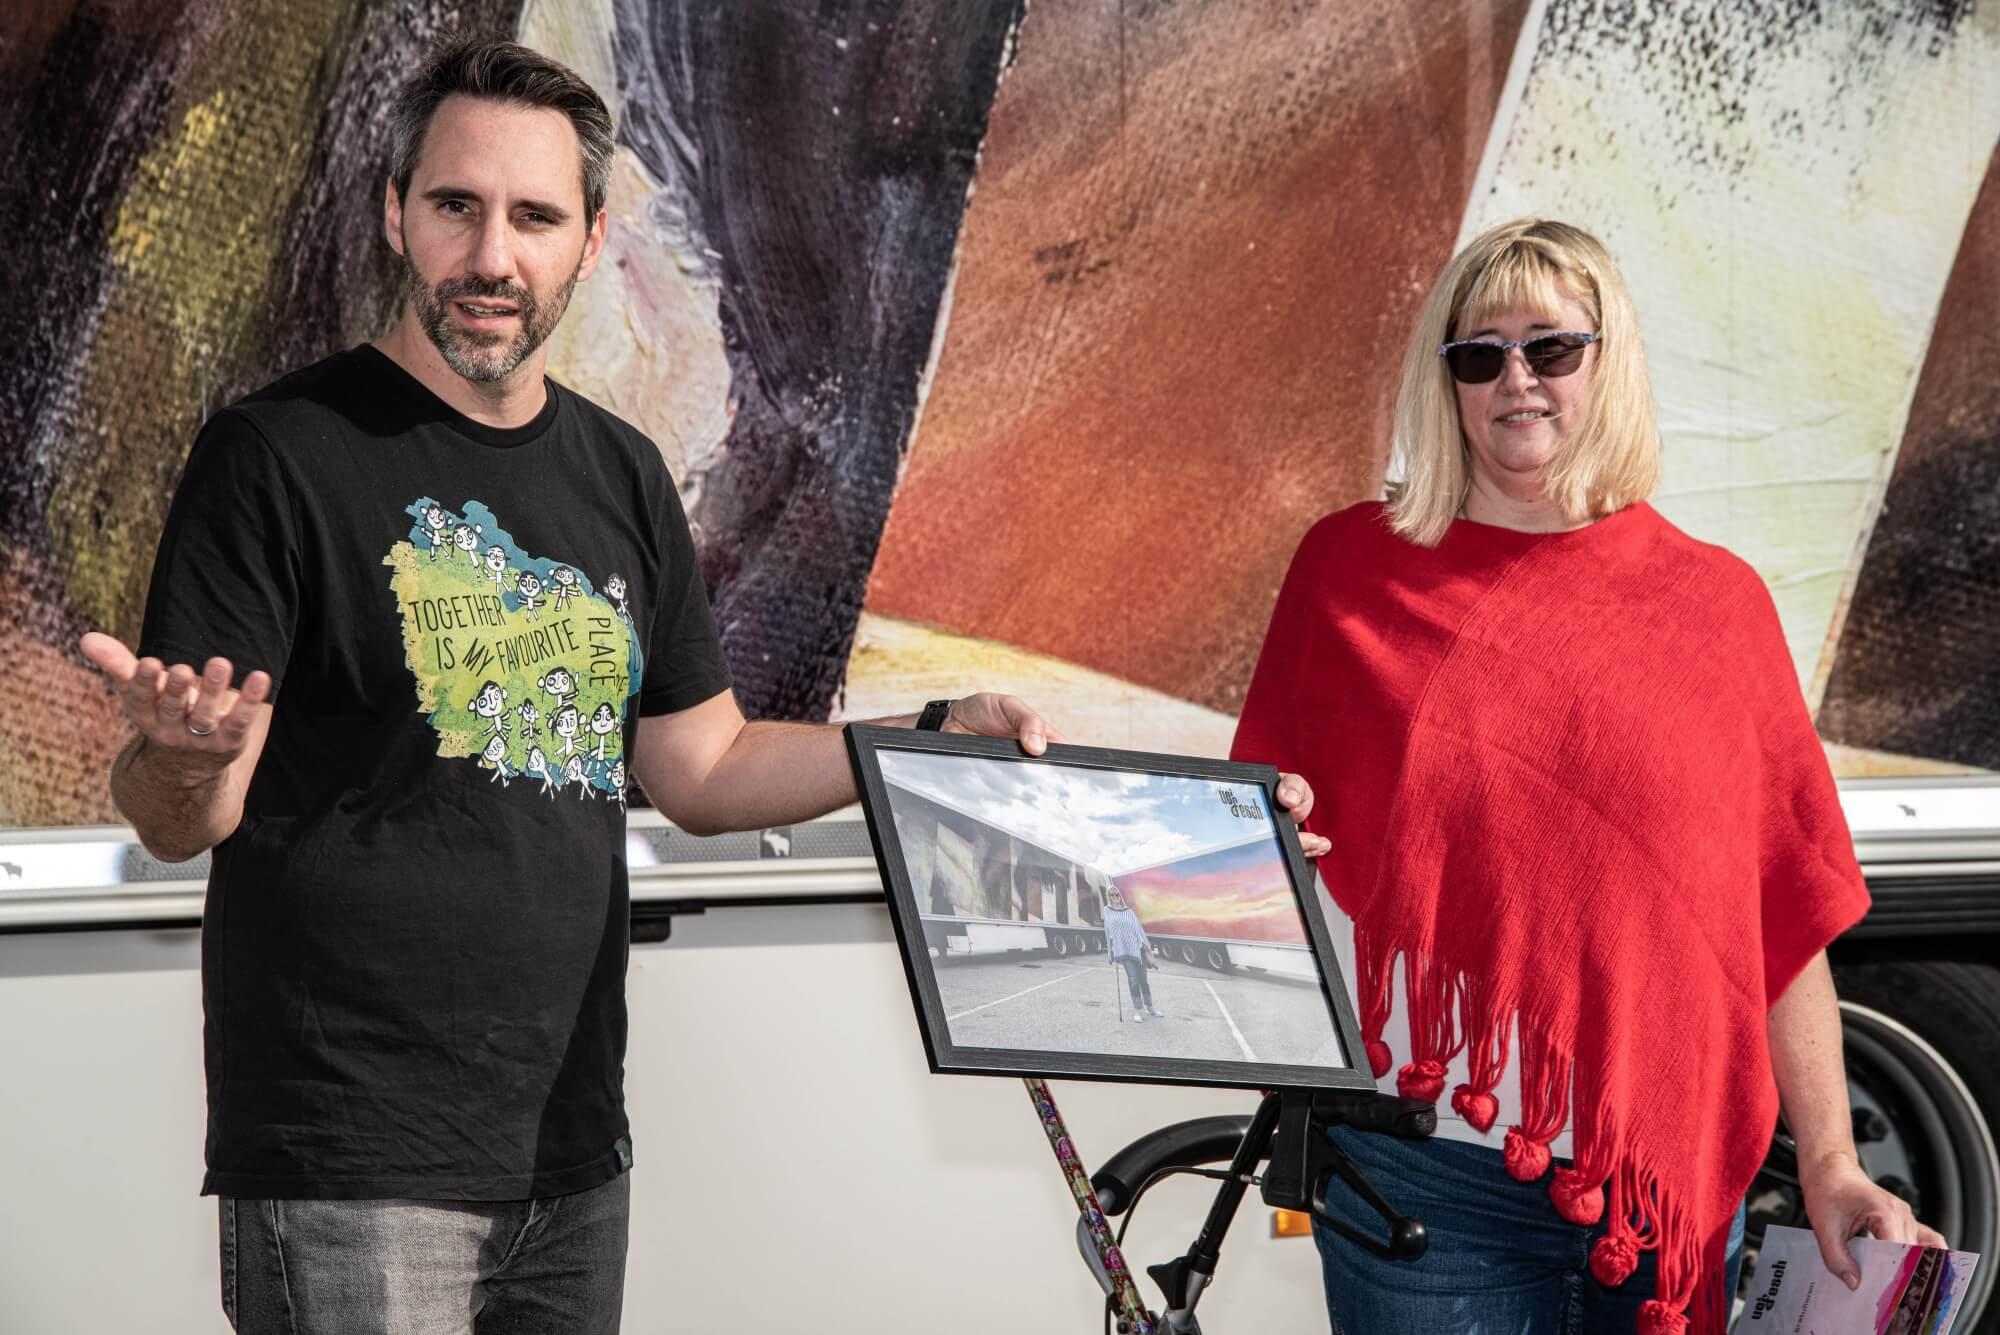 Helmuth Stöber und Künstlerin Brigitte Riedel halten gemeinsam ein Bild. Auf dem Bild sieht man Brigitte vor den 2 LKWs stehen, welche mit ihren Kunstwerken beklebt sind.